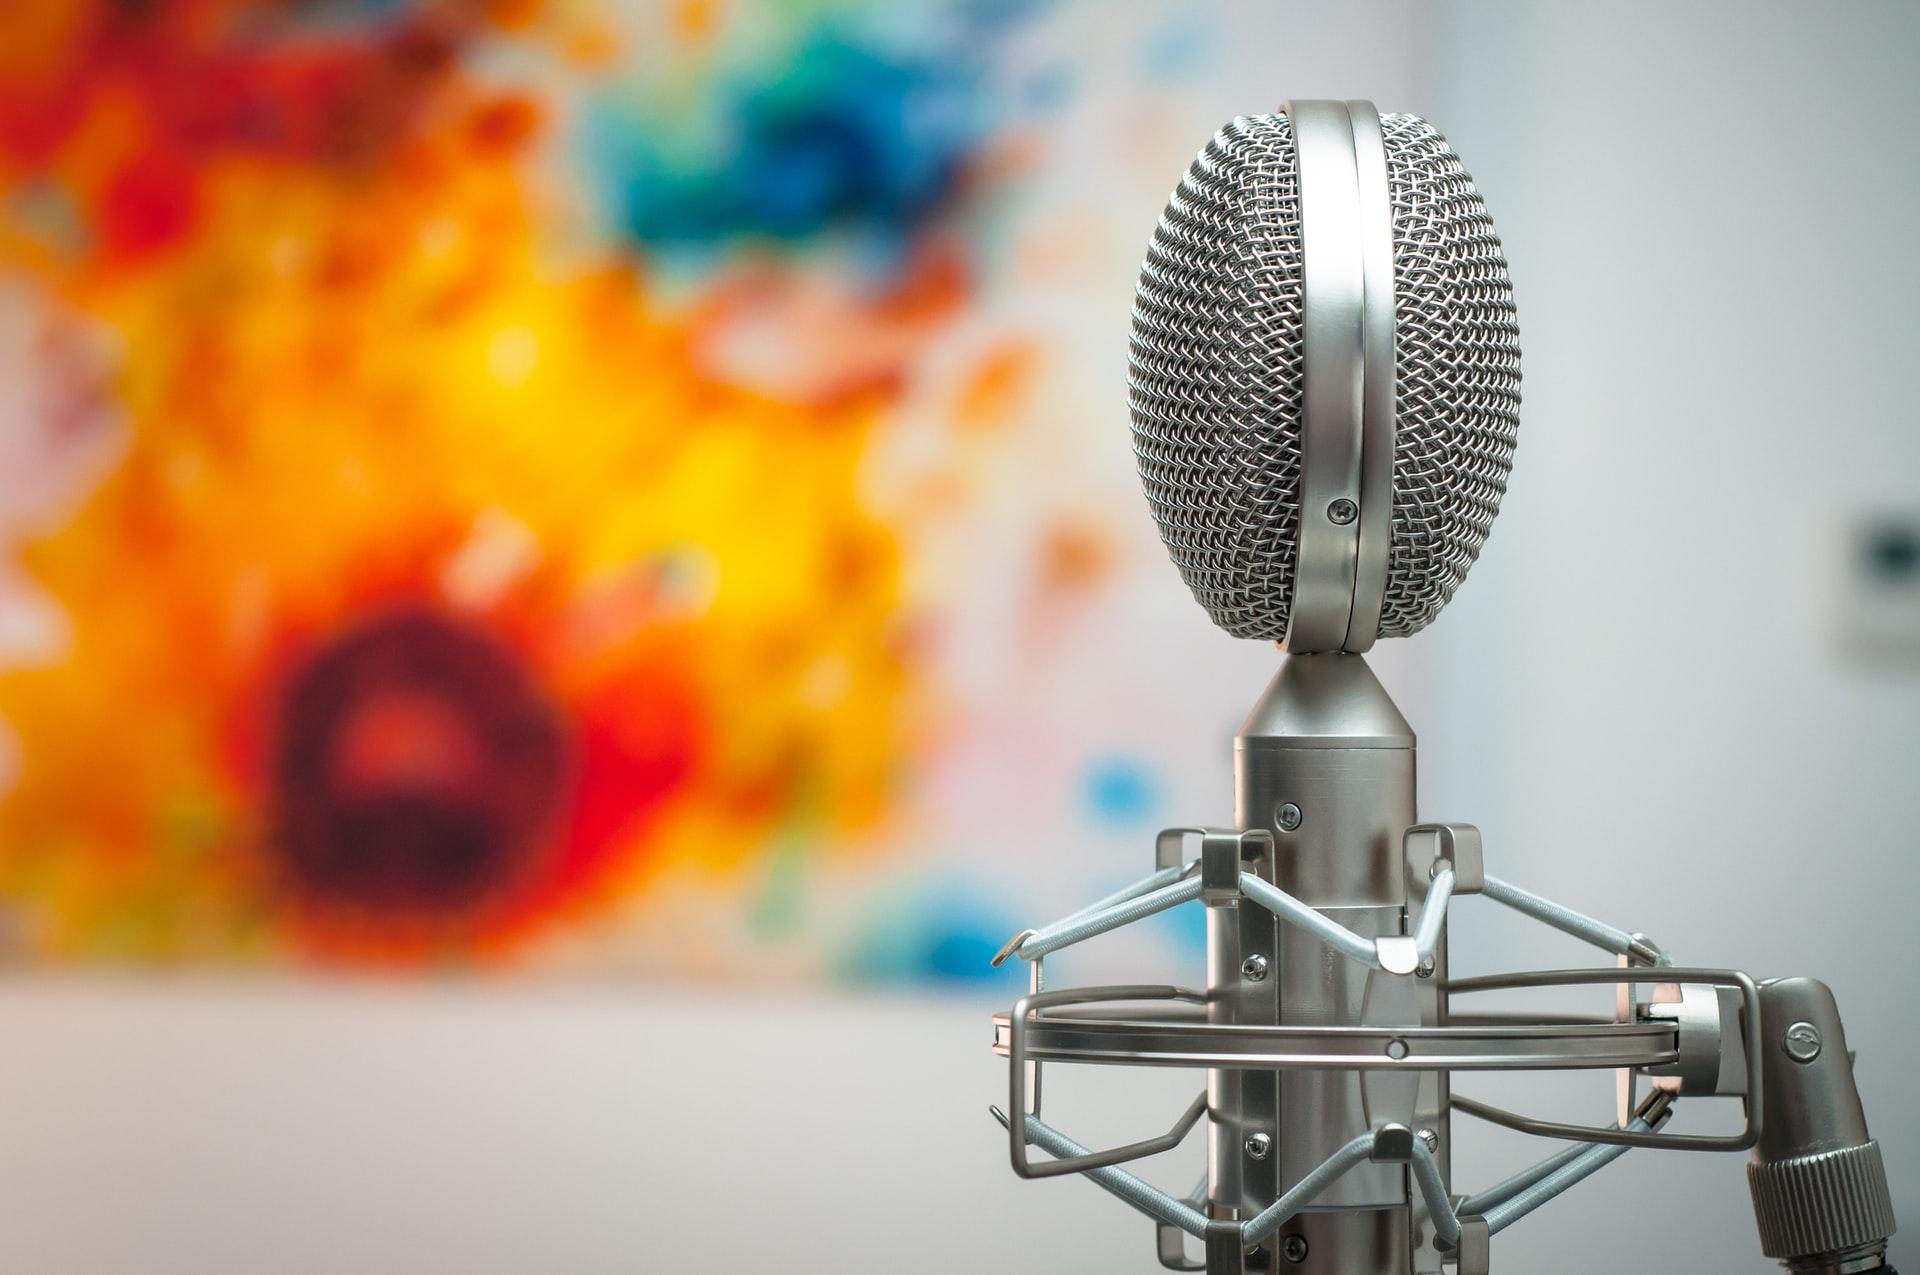 New & Noteworthy Podcasts January 2021